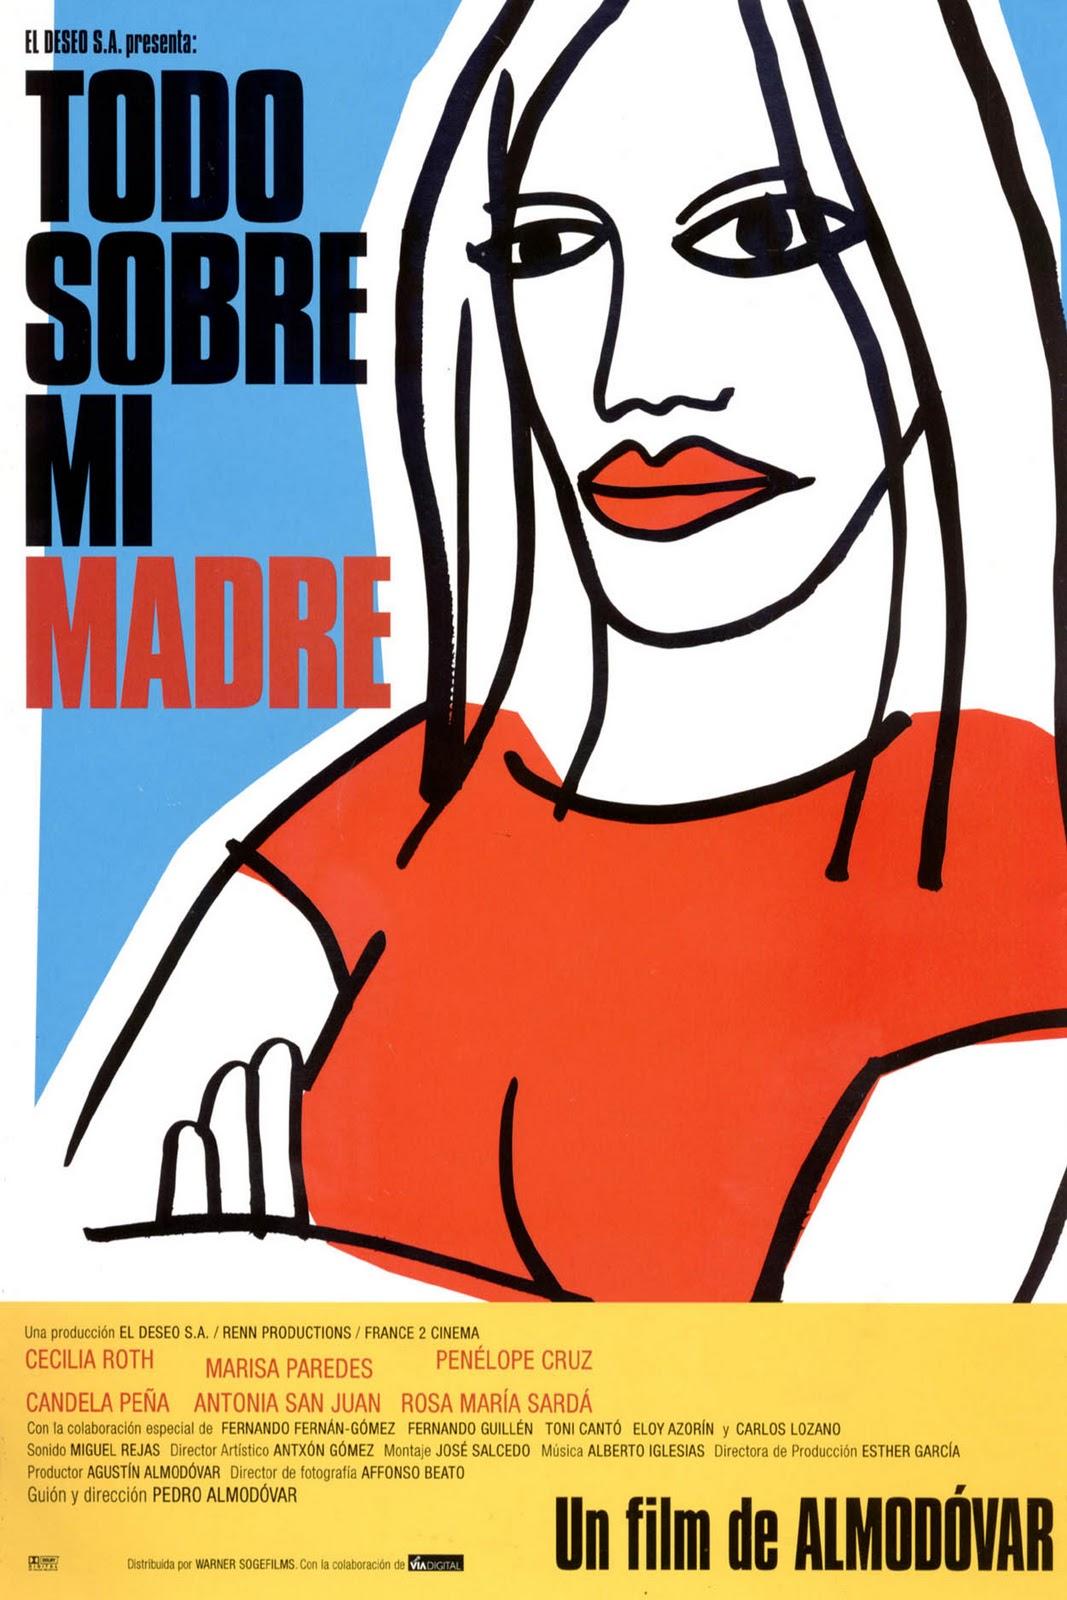 http://3.bp.blogspot.com/-XfvVTjucvE0/UGkvfpQgWxI/AAAAAAAAAlI/s4XI2ZvSXq4/s1600/Todo+Sobre+Mi+Madre.jpg